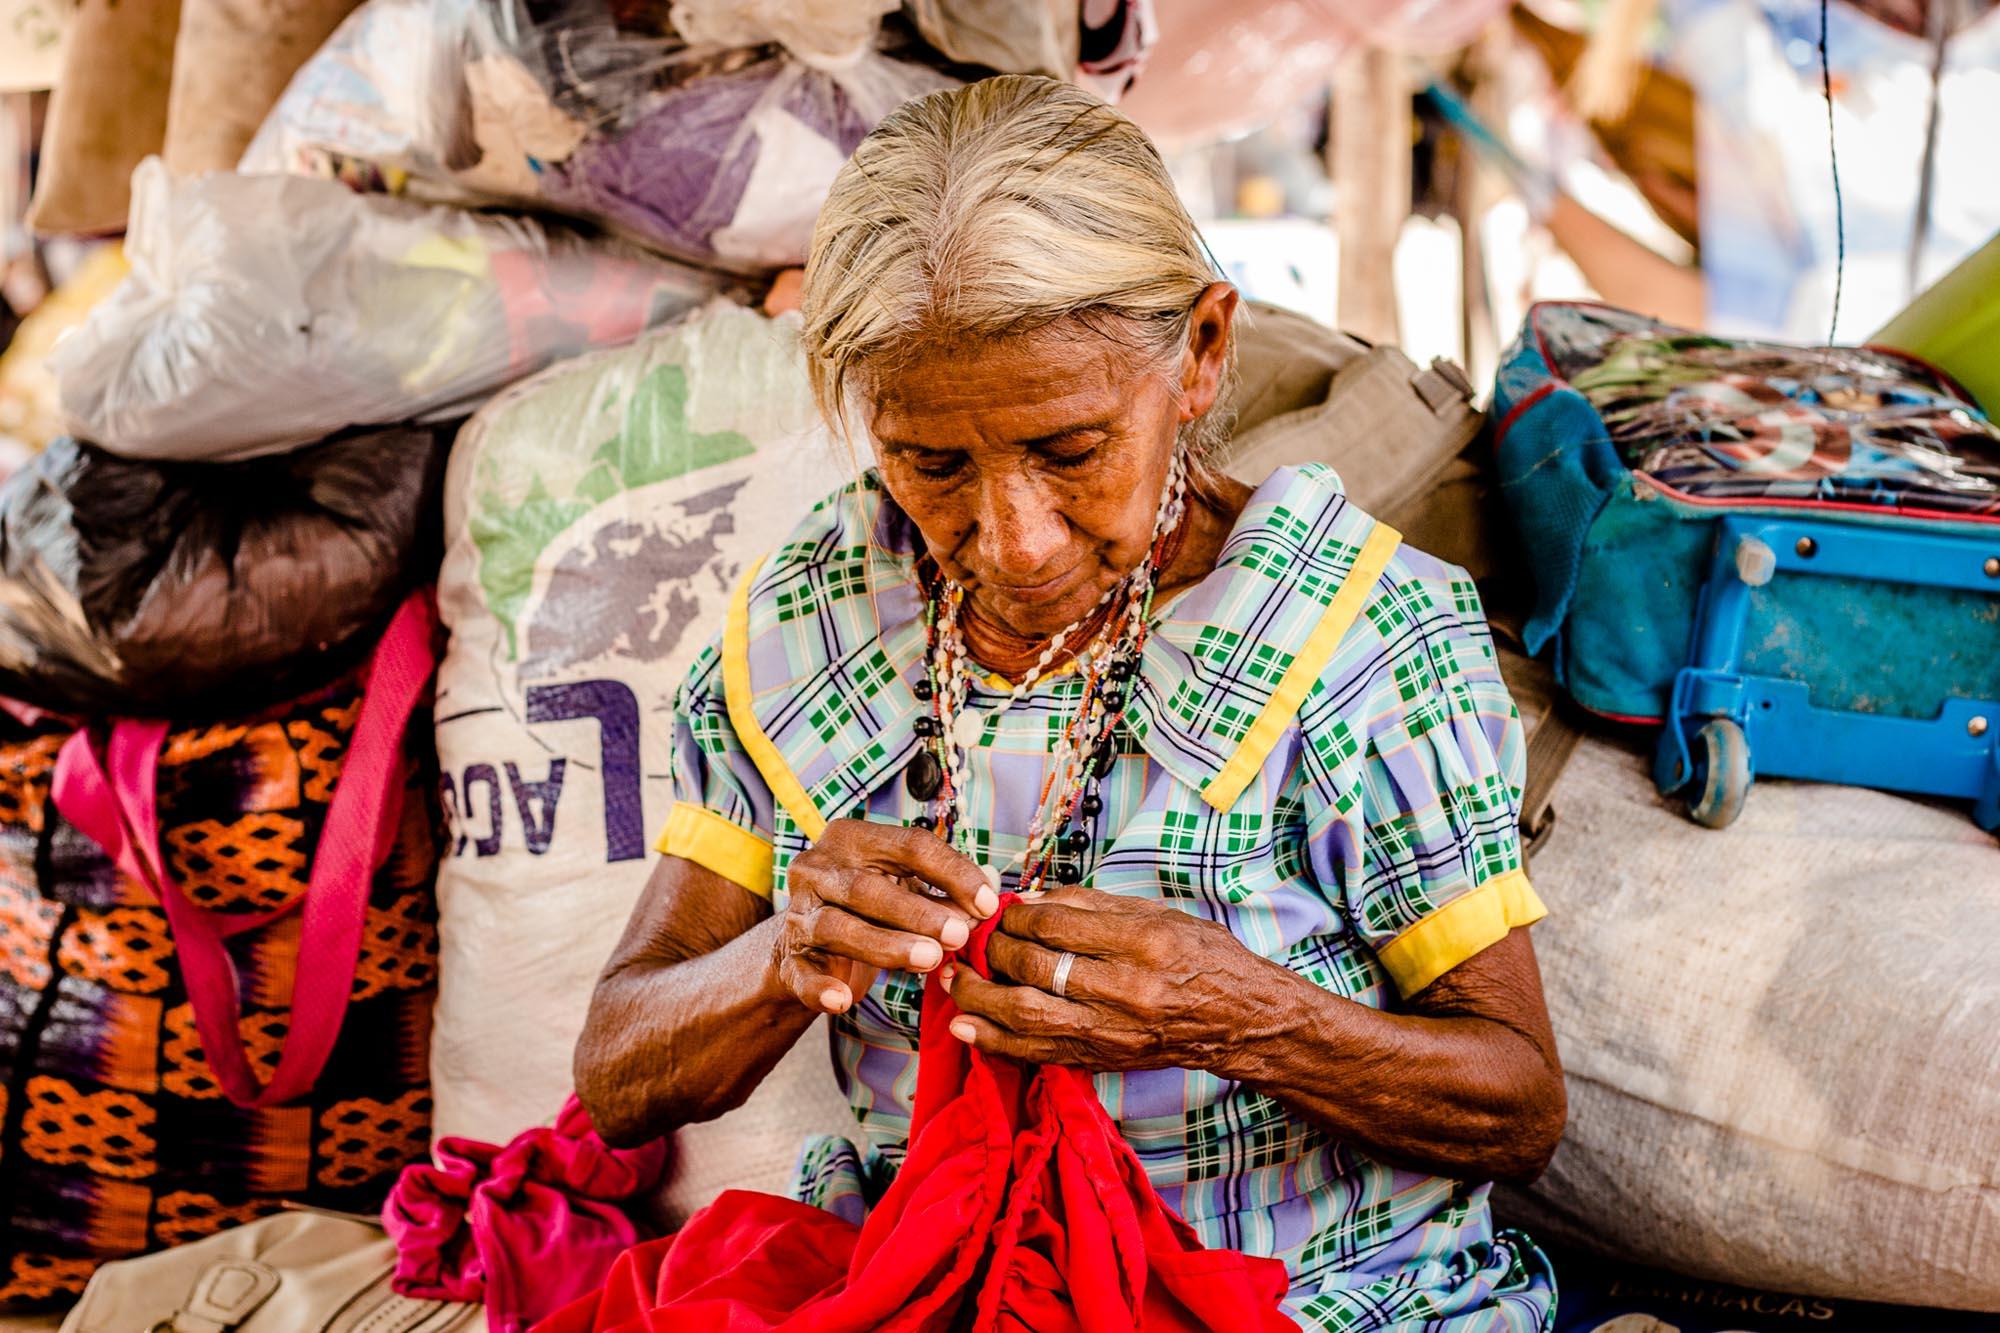 Migrante cidadão: com artesanatos, índios Warao buscam sobrevivência digna em Roraima